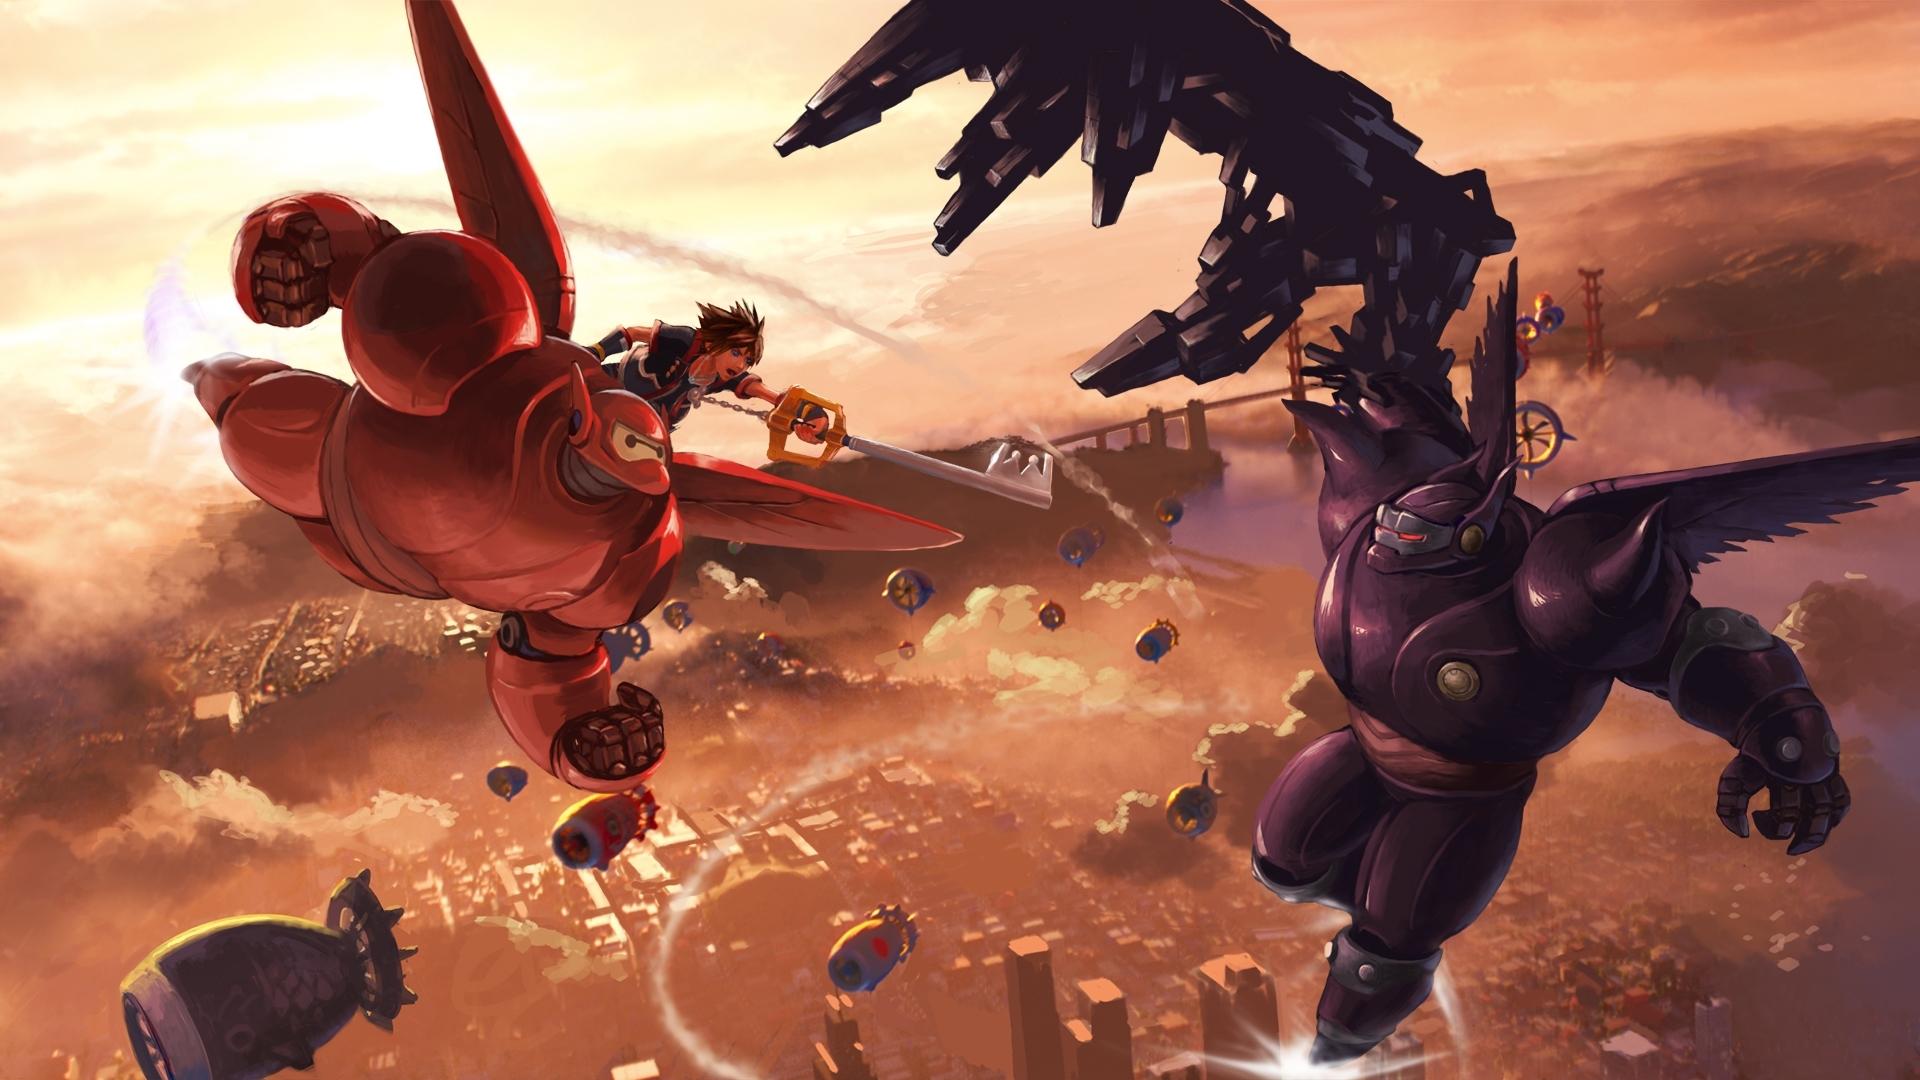 kingdom hearts 3 images big hero 6 concept art hd wallpaper and